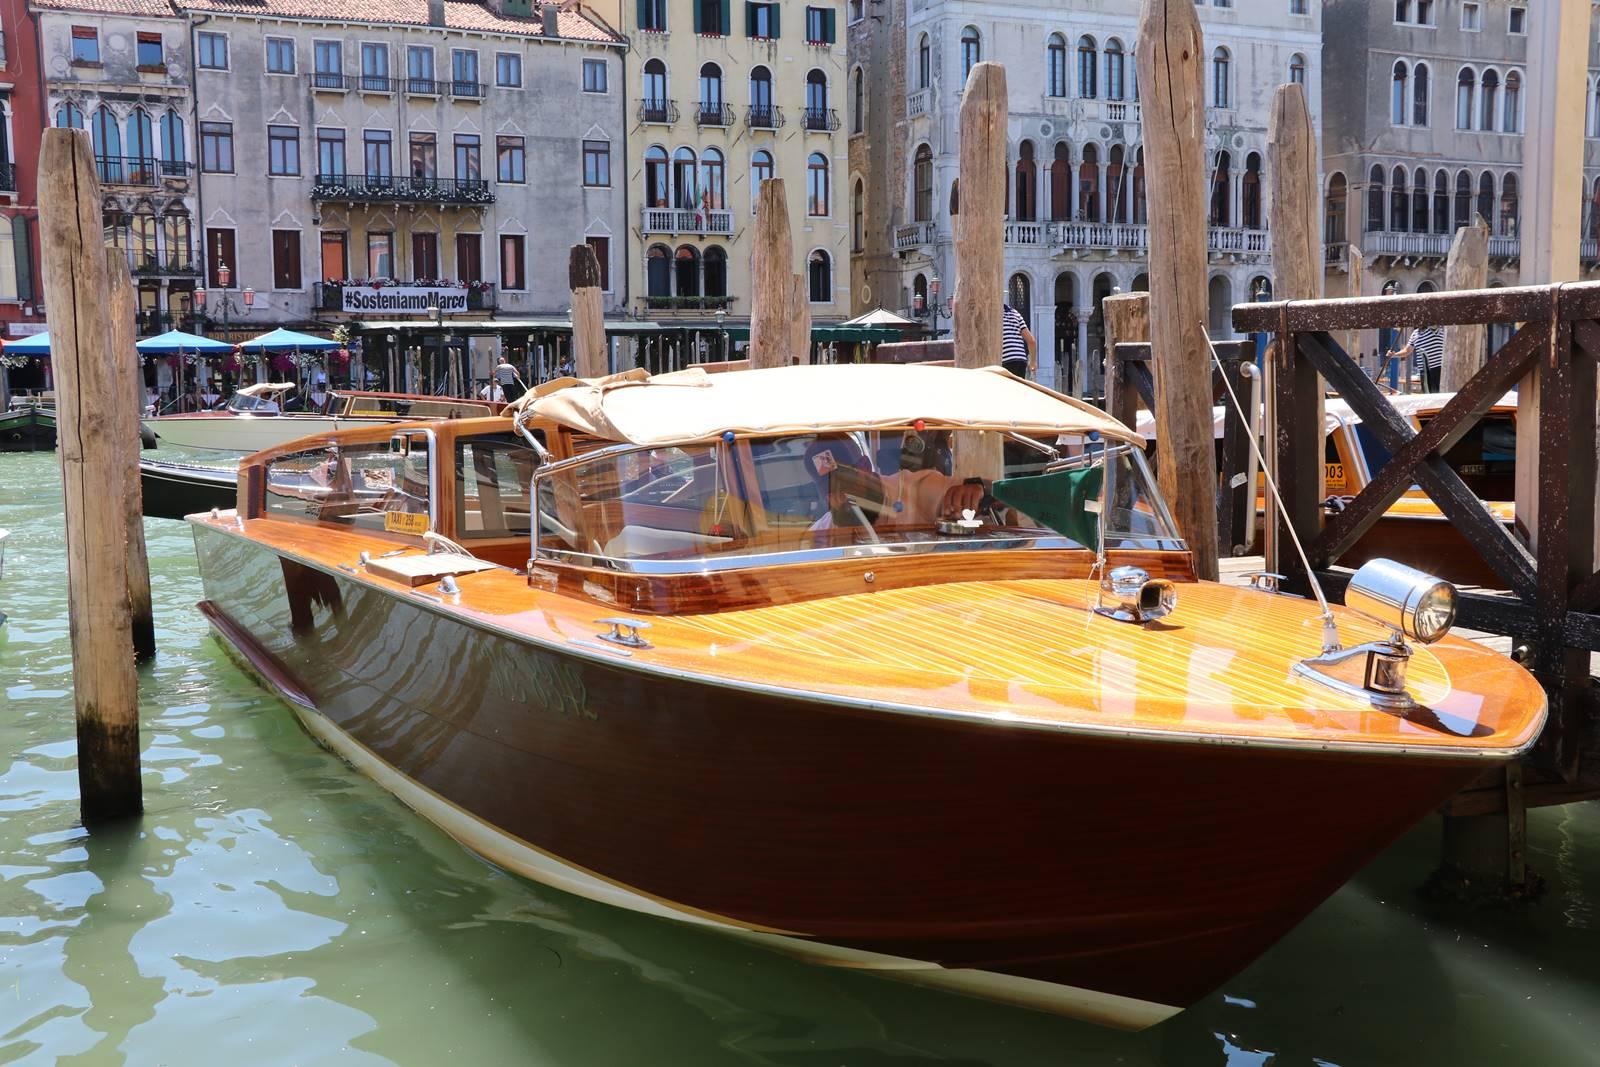 11 bateau Venise